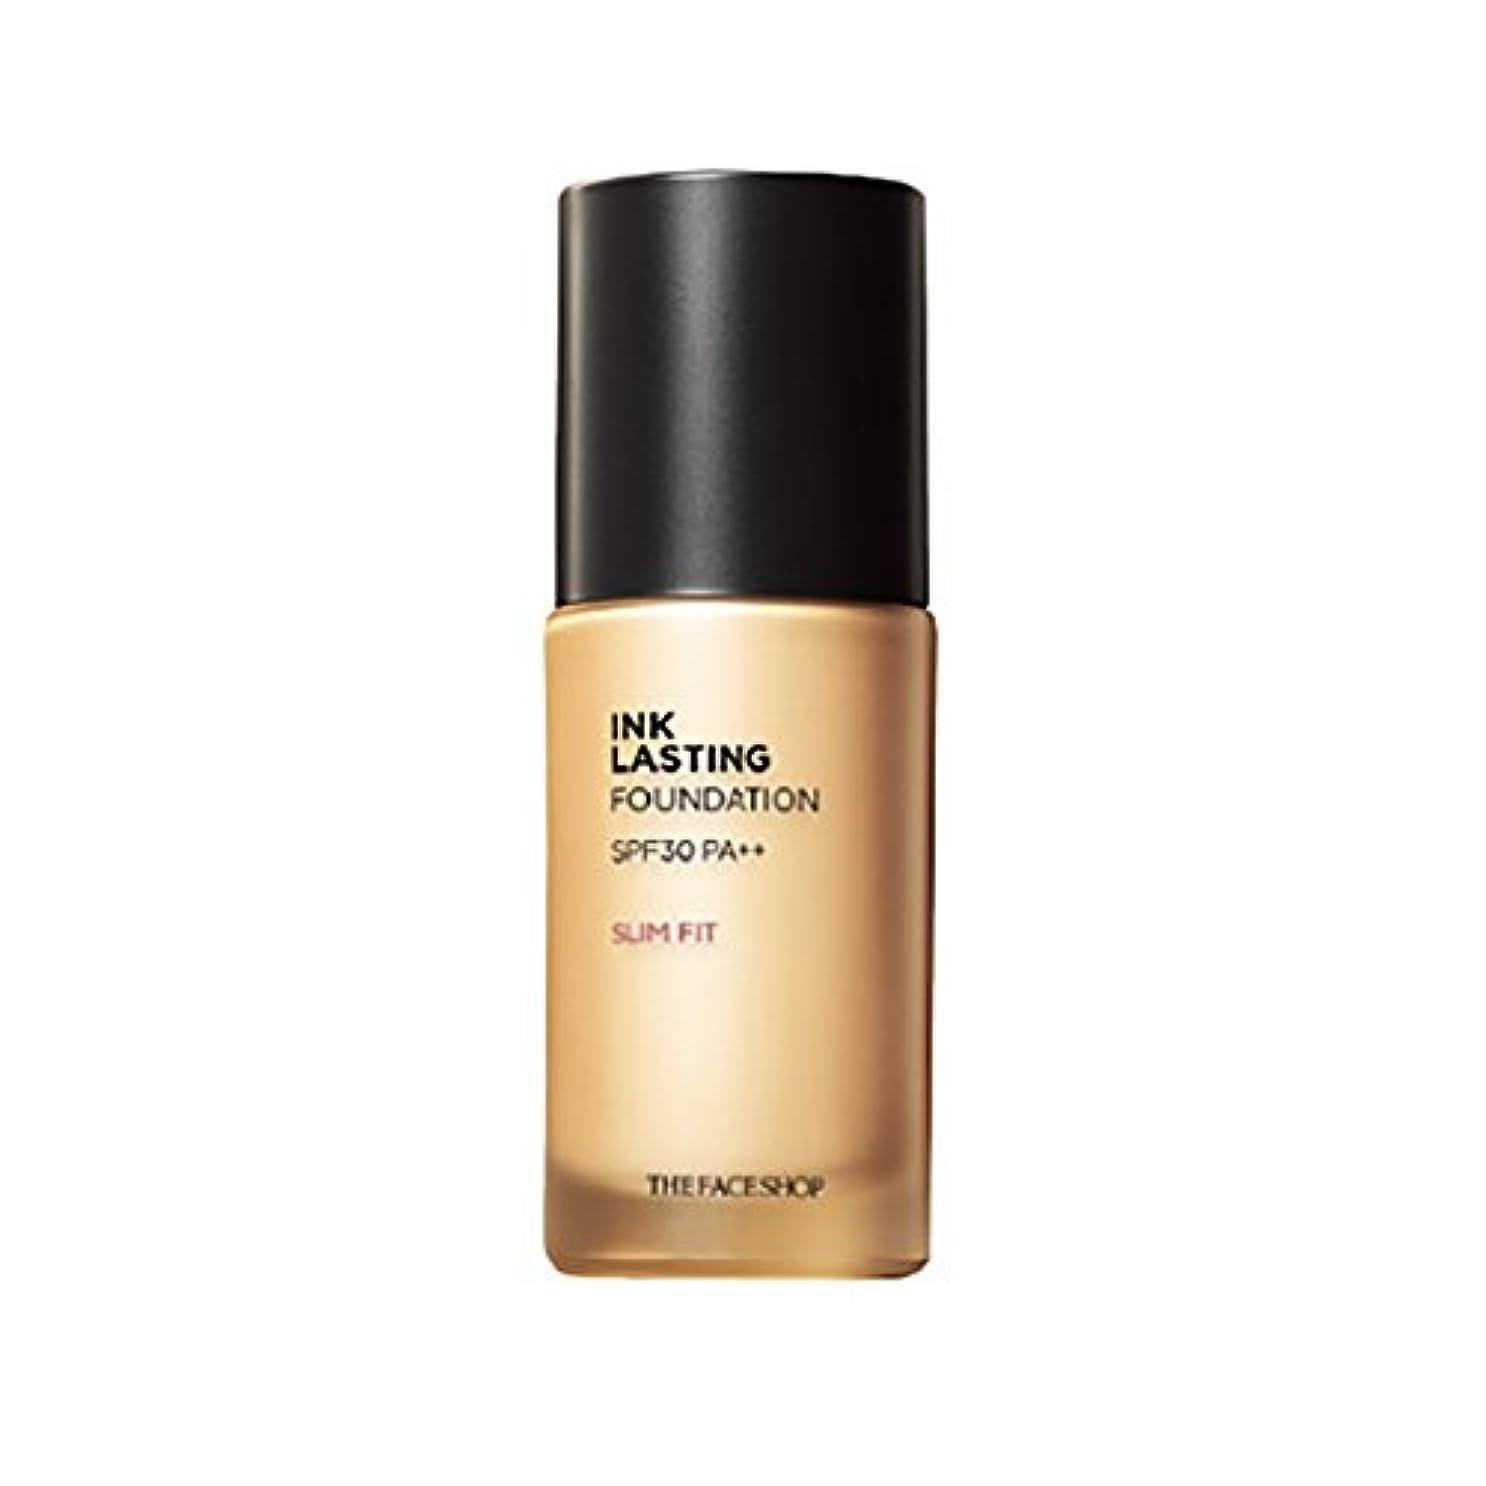 ミット魚スプレーThe Face Shop ザフェイスショップ Ink Lasting Foundation Slim Fit ファンデーション 30ml #N201 Apricot Beige[並行輸入品]